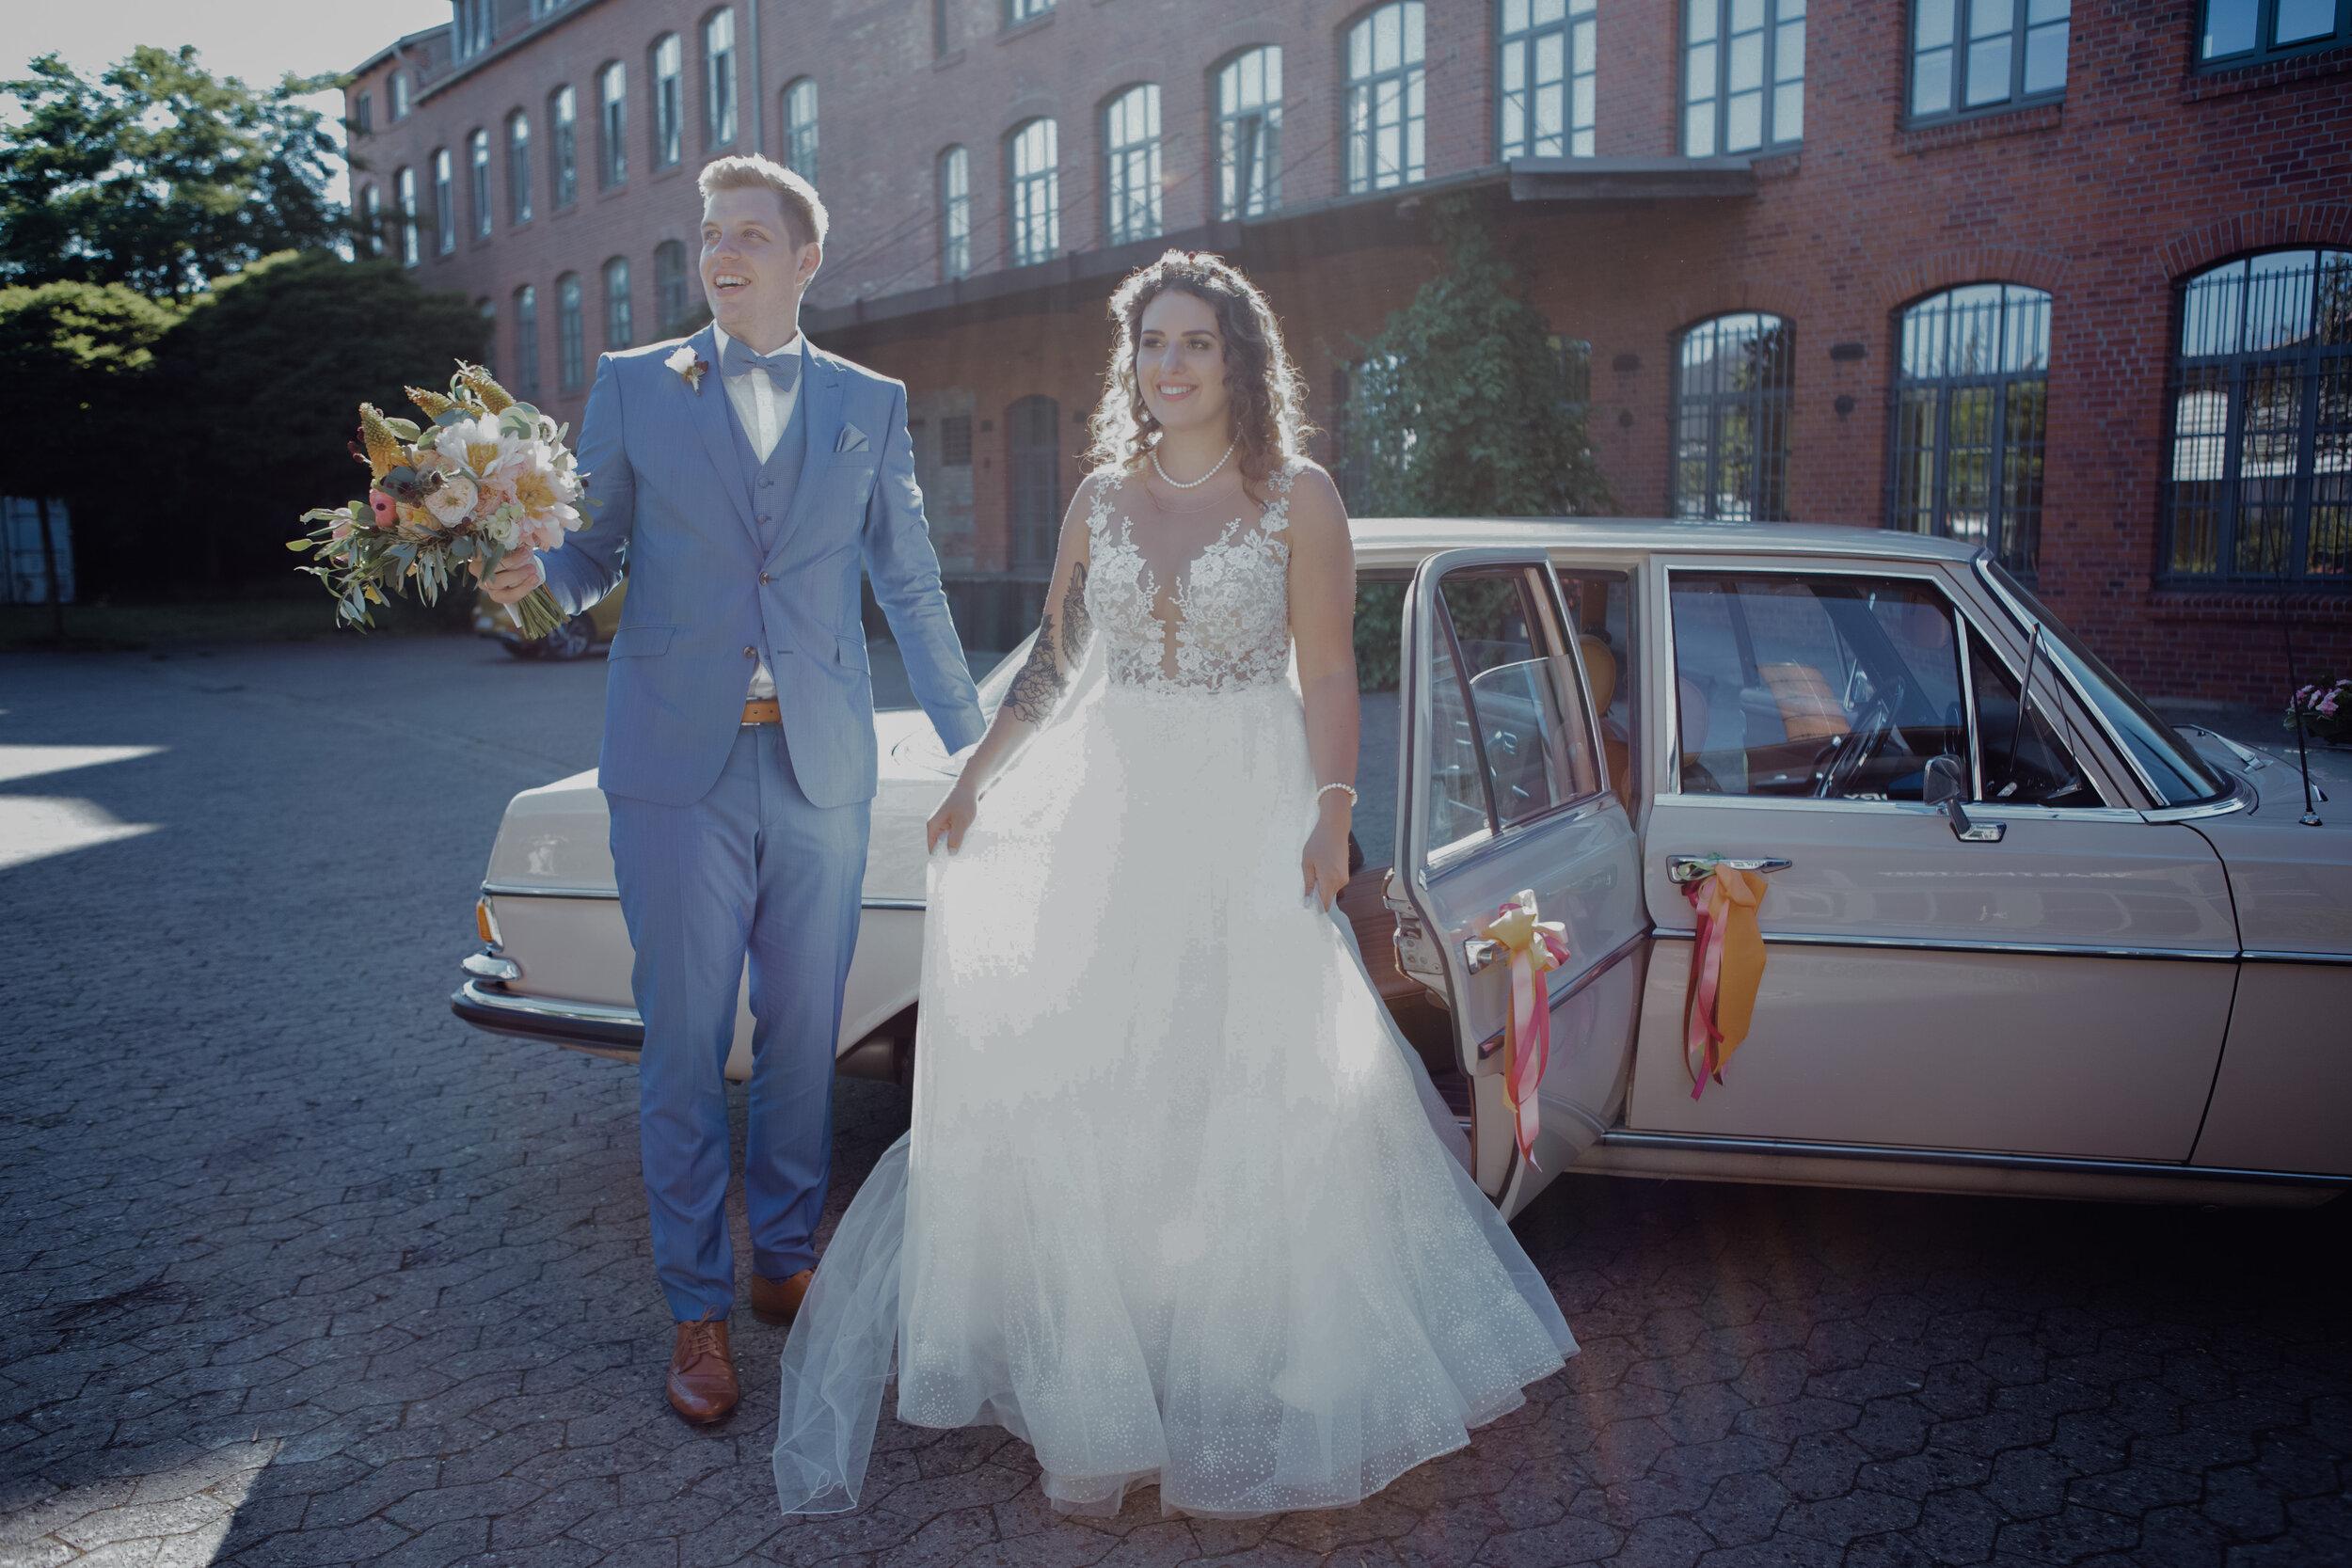 Hochzeit_Helmkehof_Paar.jpg